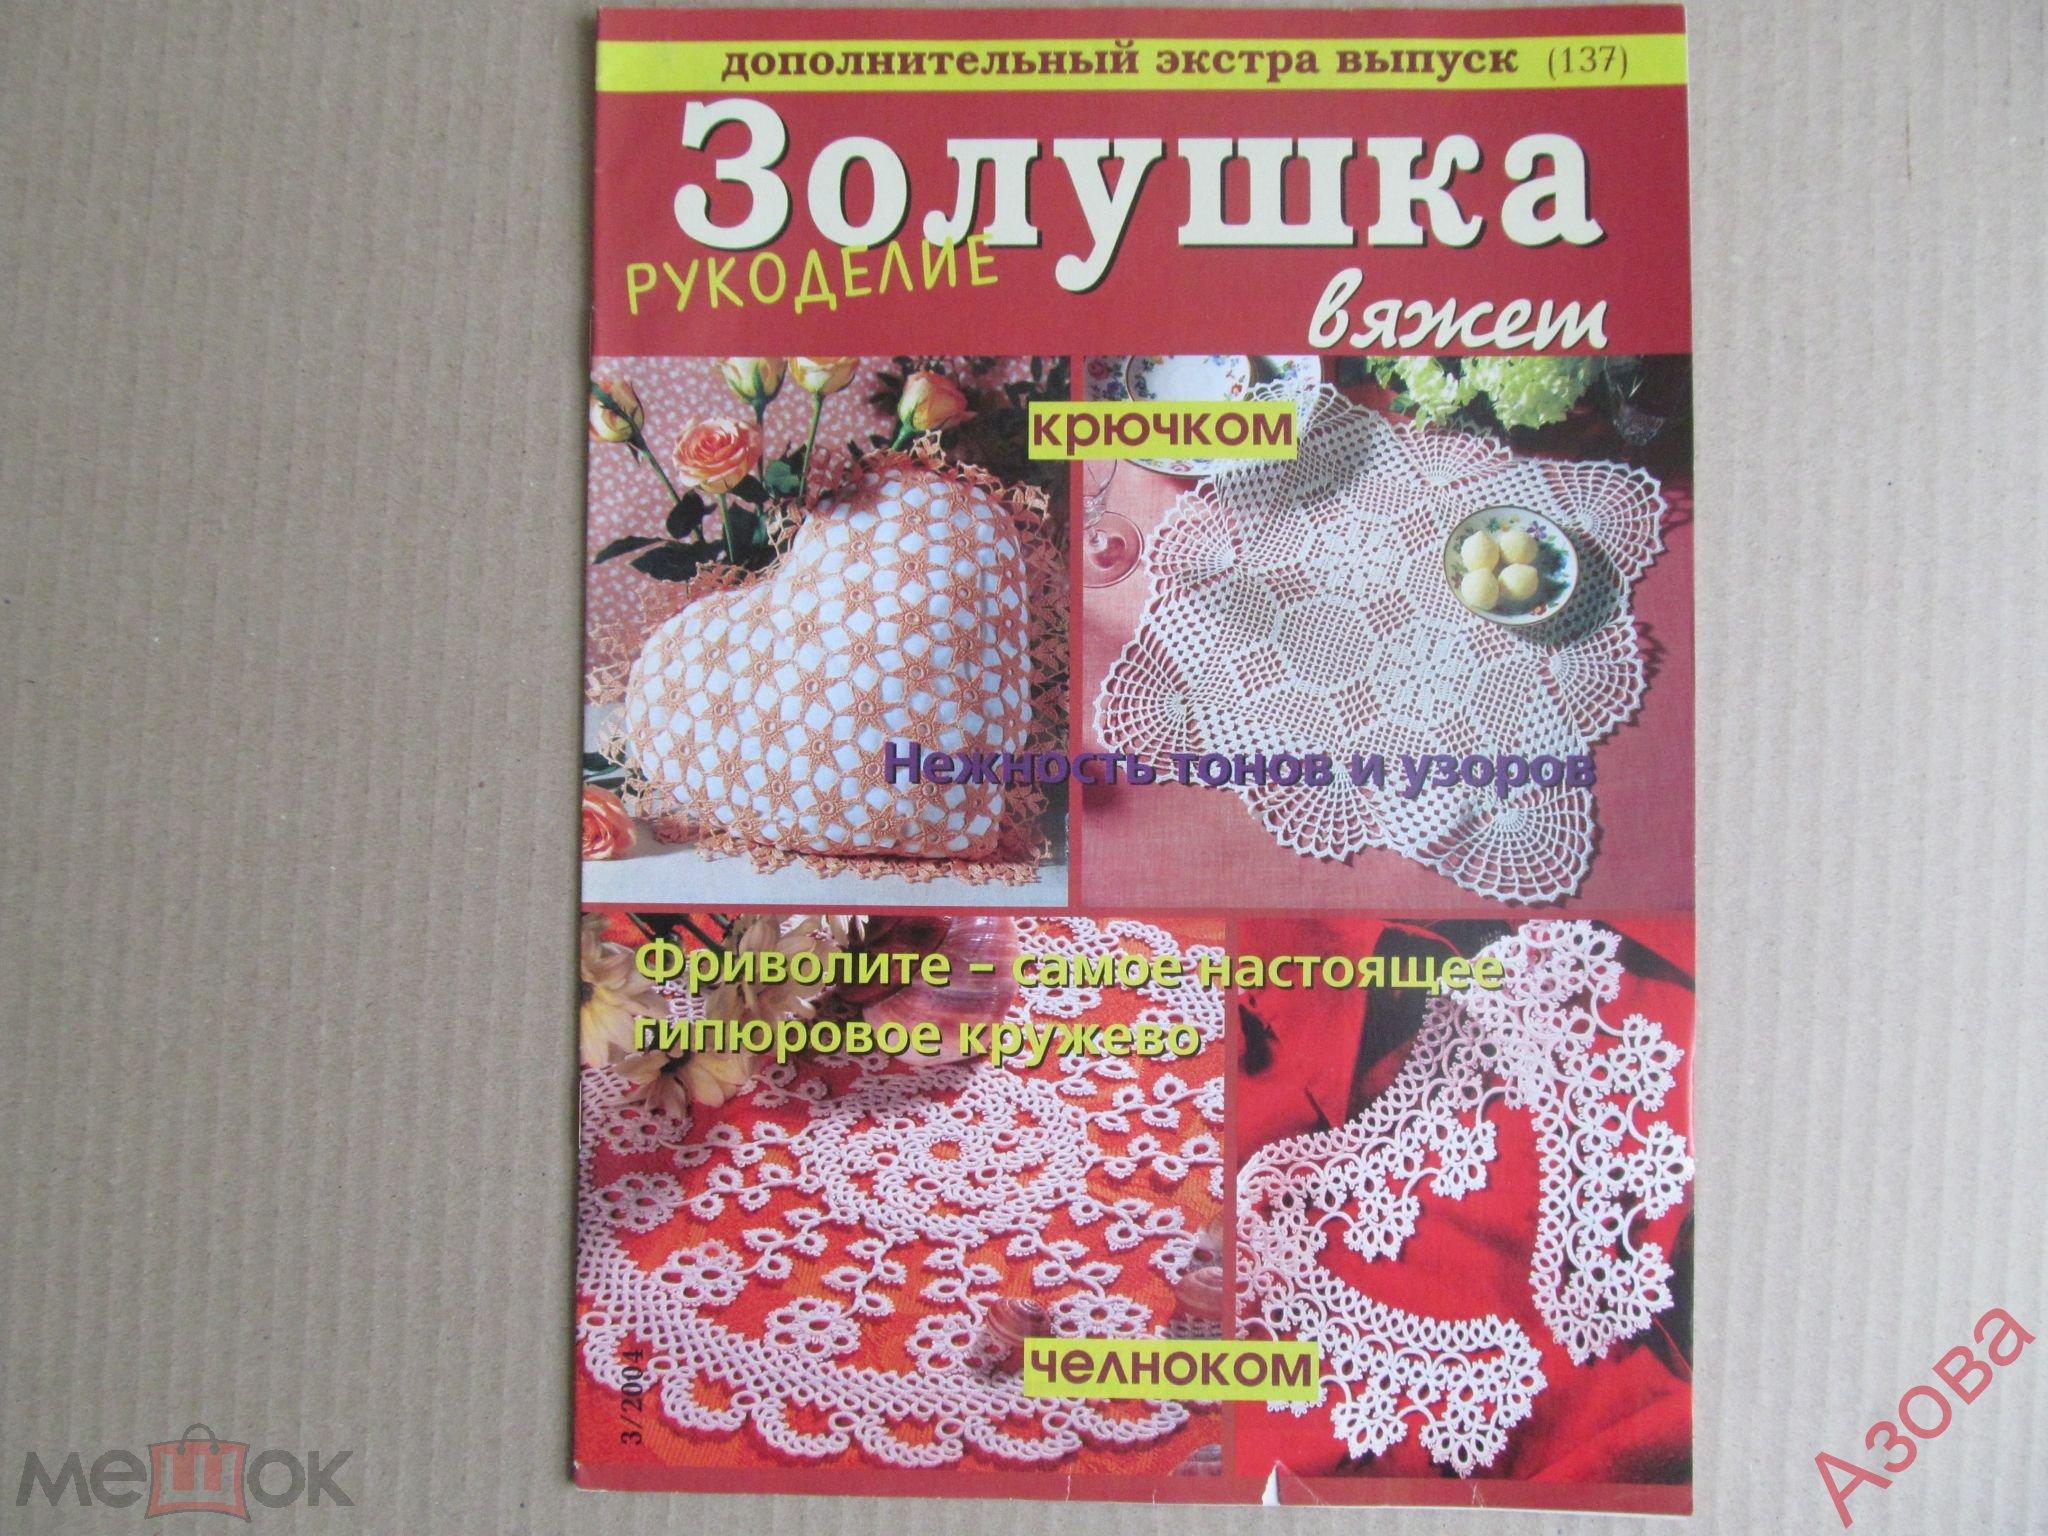 вышивка вязание рукоделие журнал золушка вяжет экстра выпуск